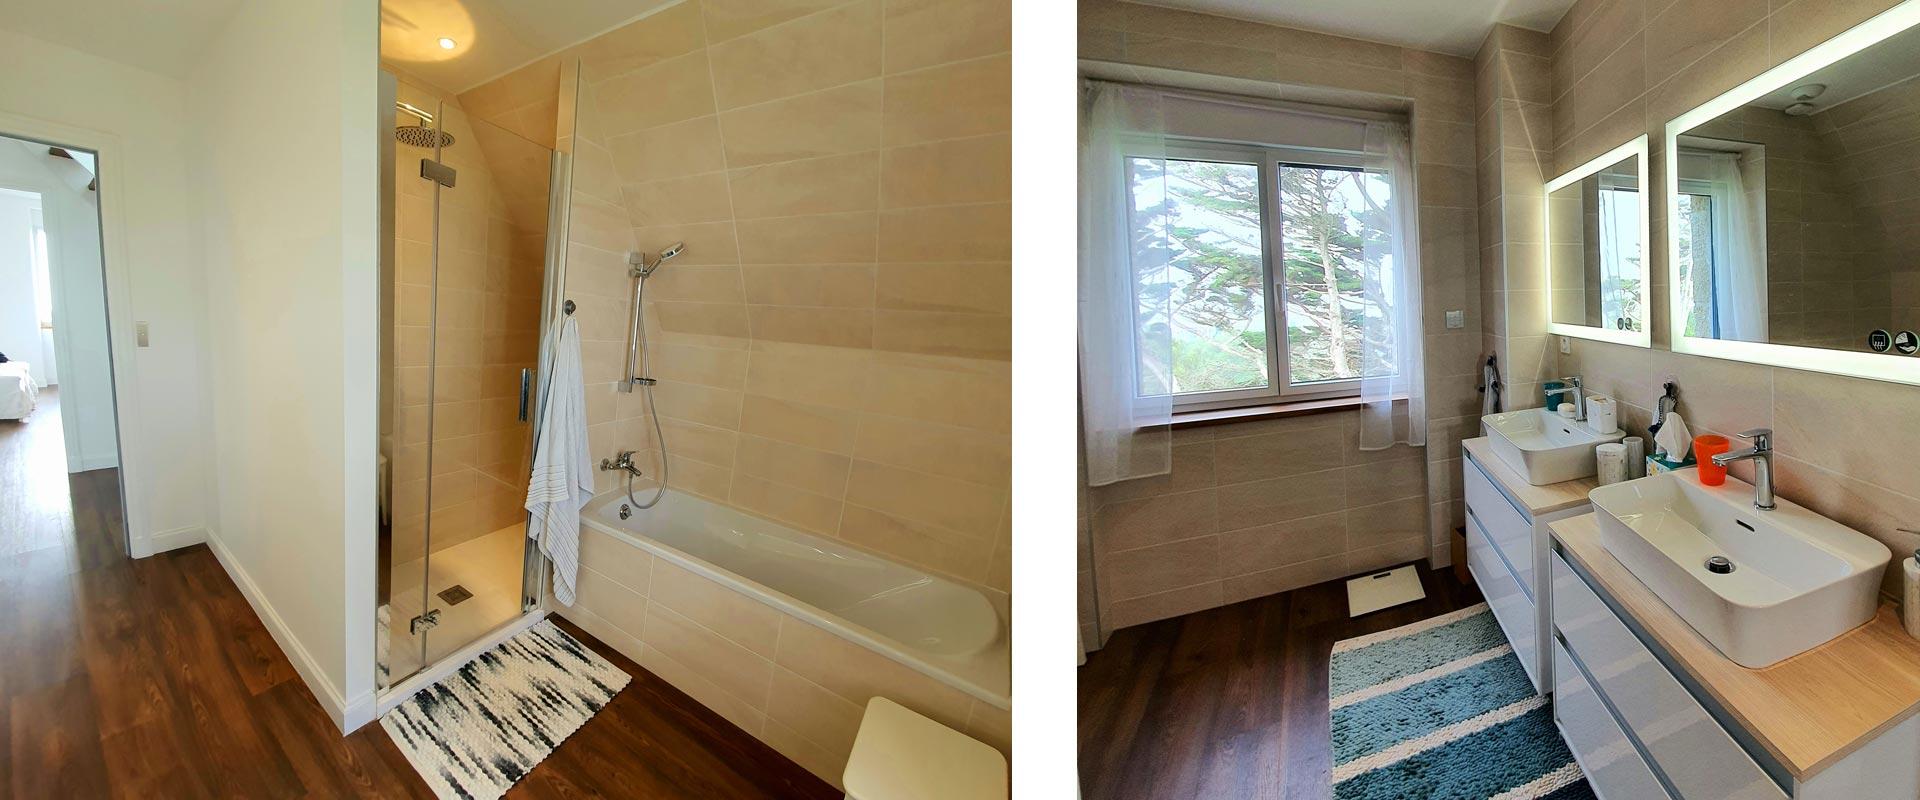 brise-lames-5-salle-de-bain.jpg